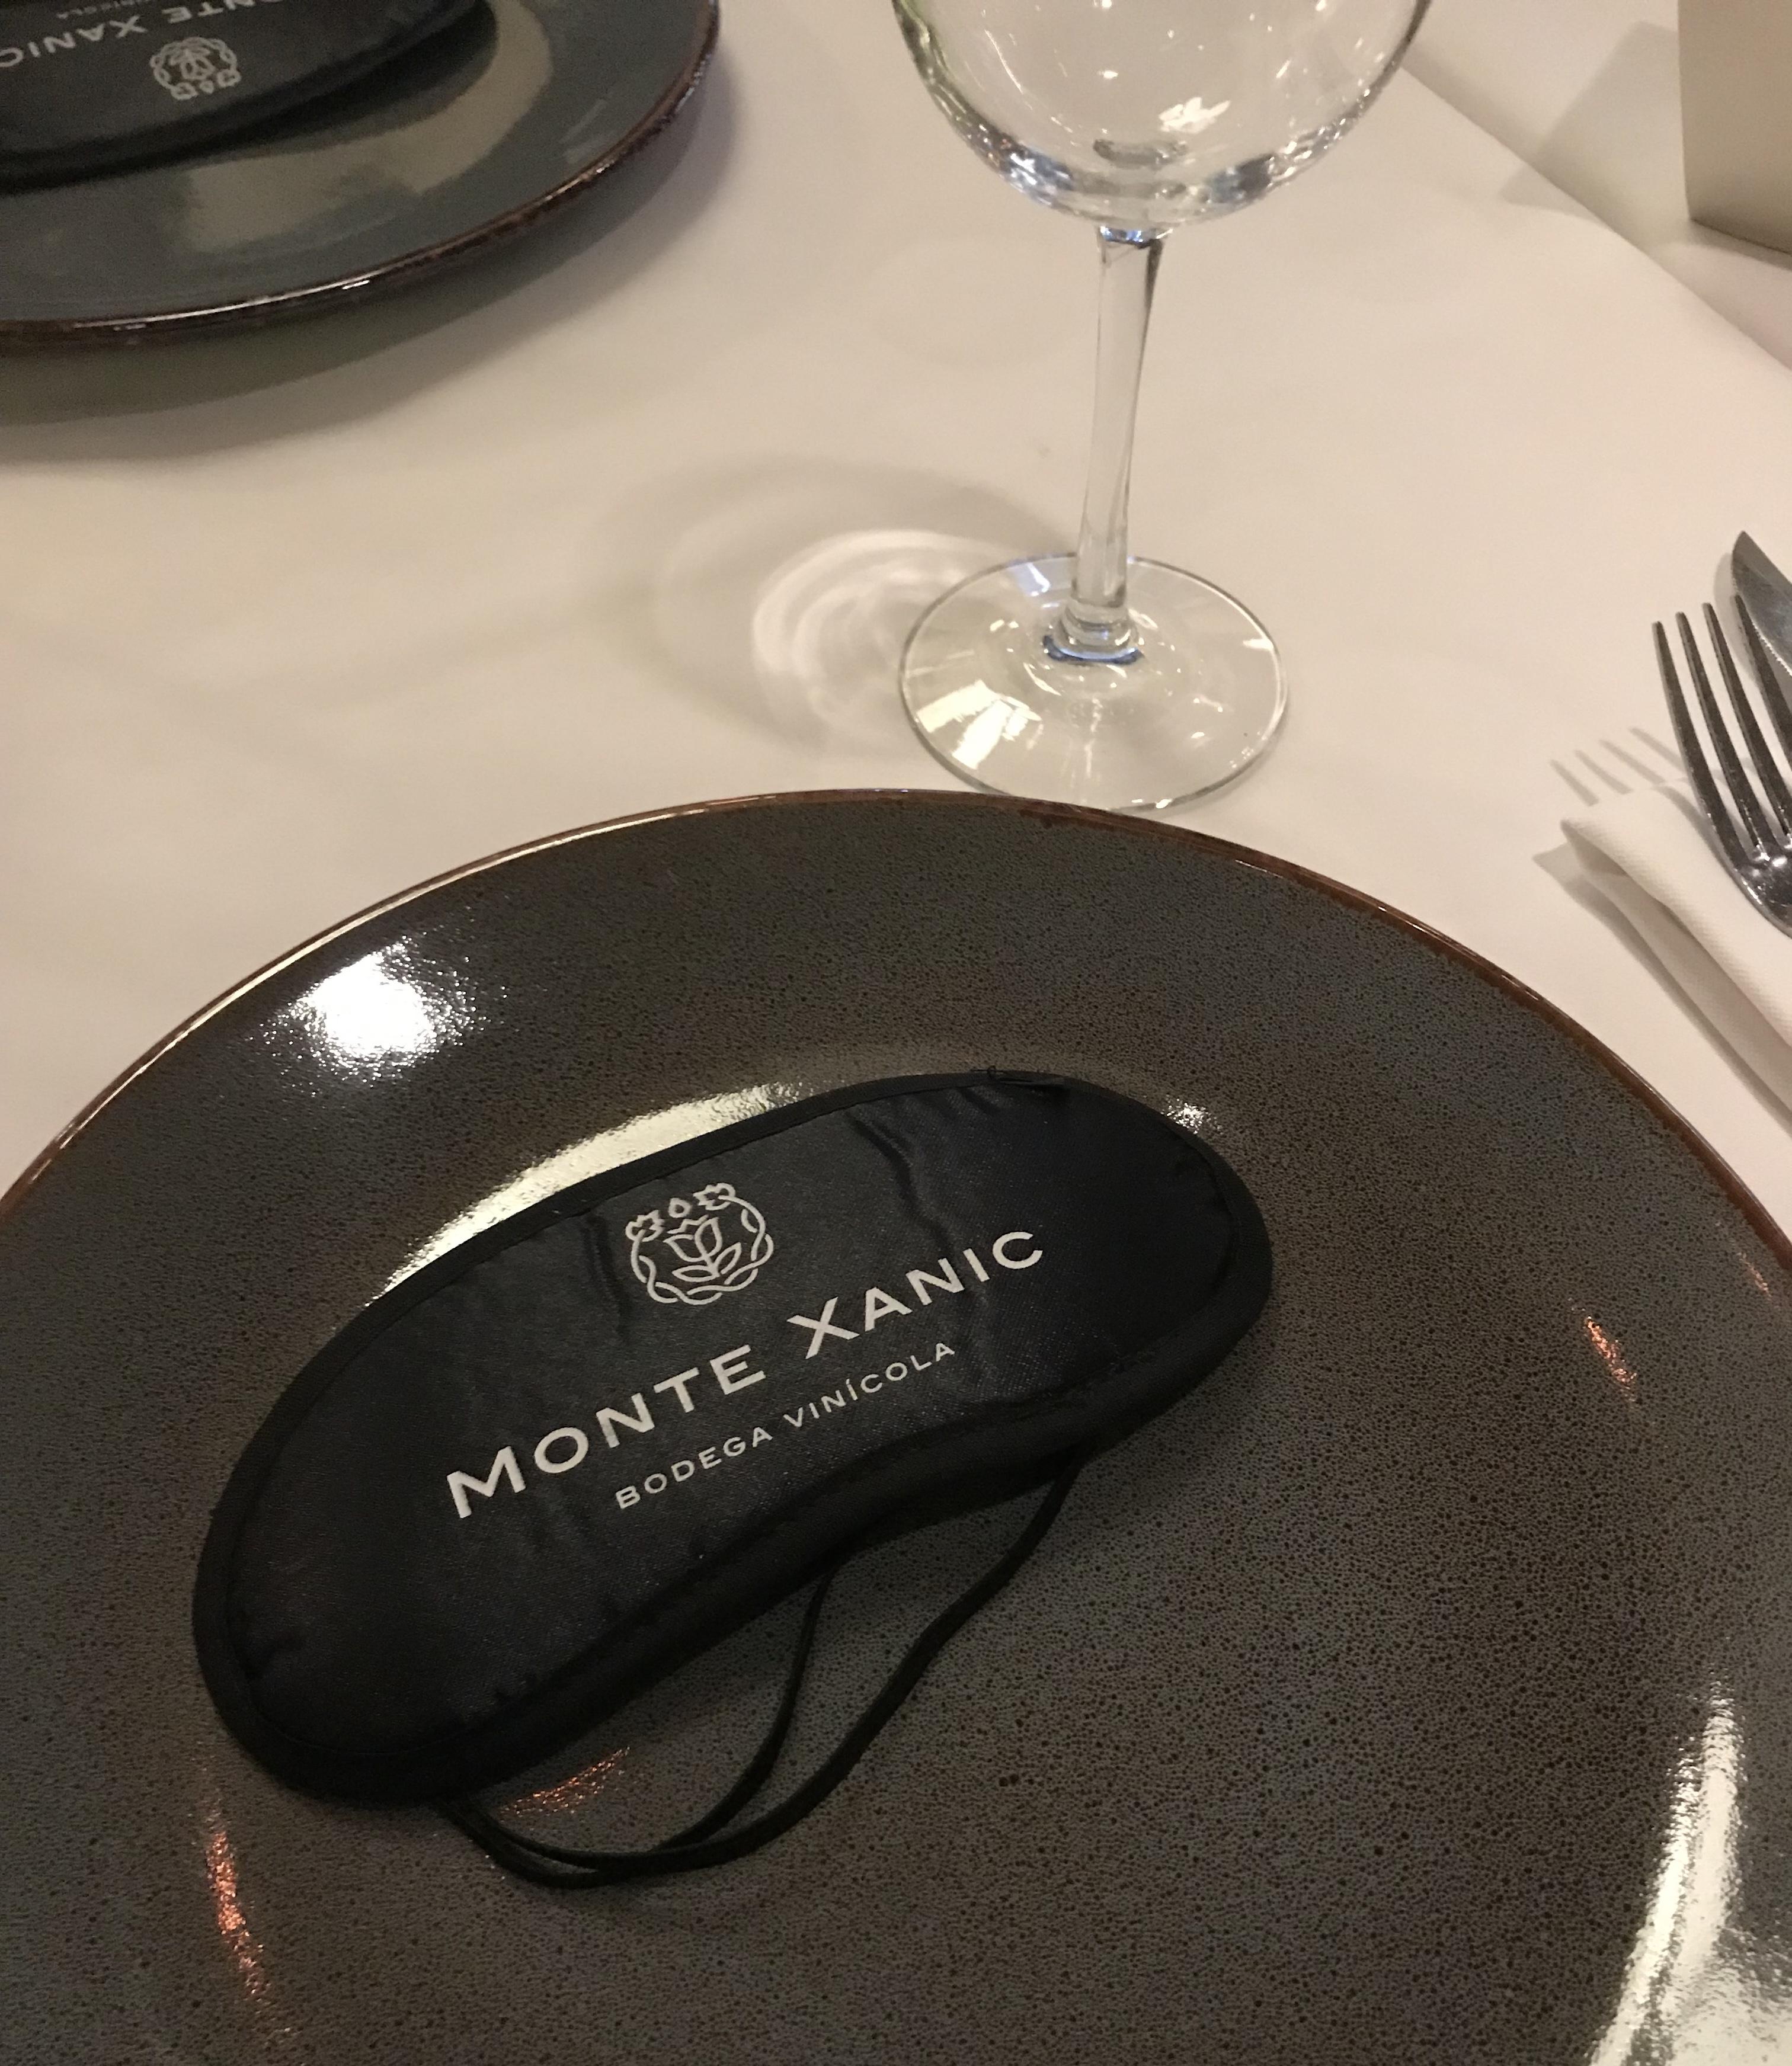 Cena a ciegas con Monte Xanic